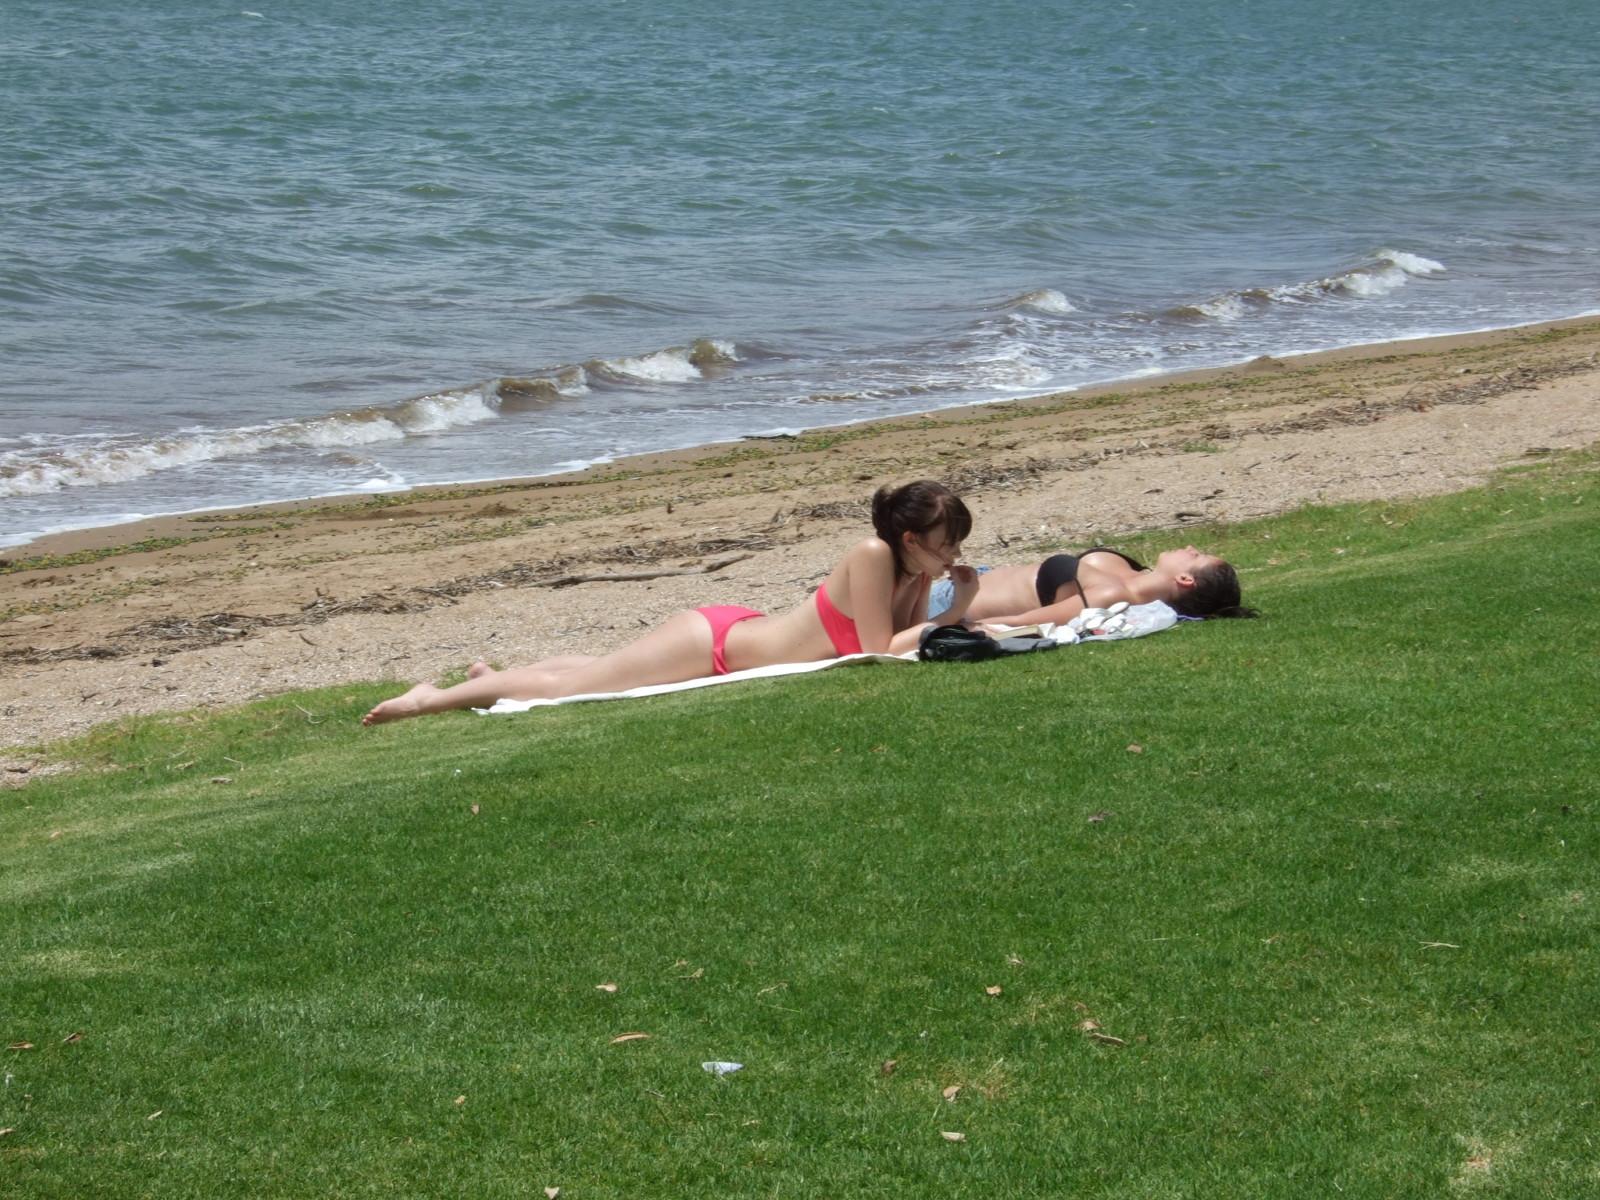 海水浴,砂浜,芝生,水着,パイヒア,ニュージーランド〈著作権フリー無料画像〉Free Stock Photos